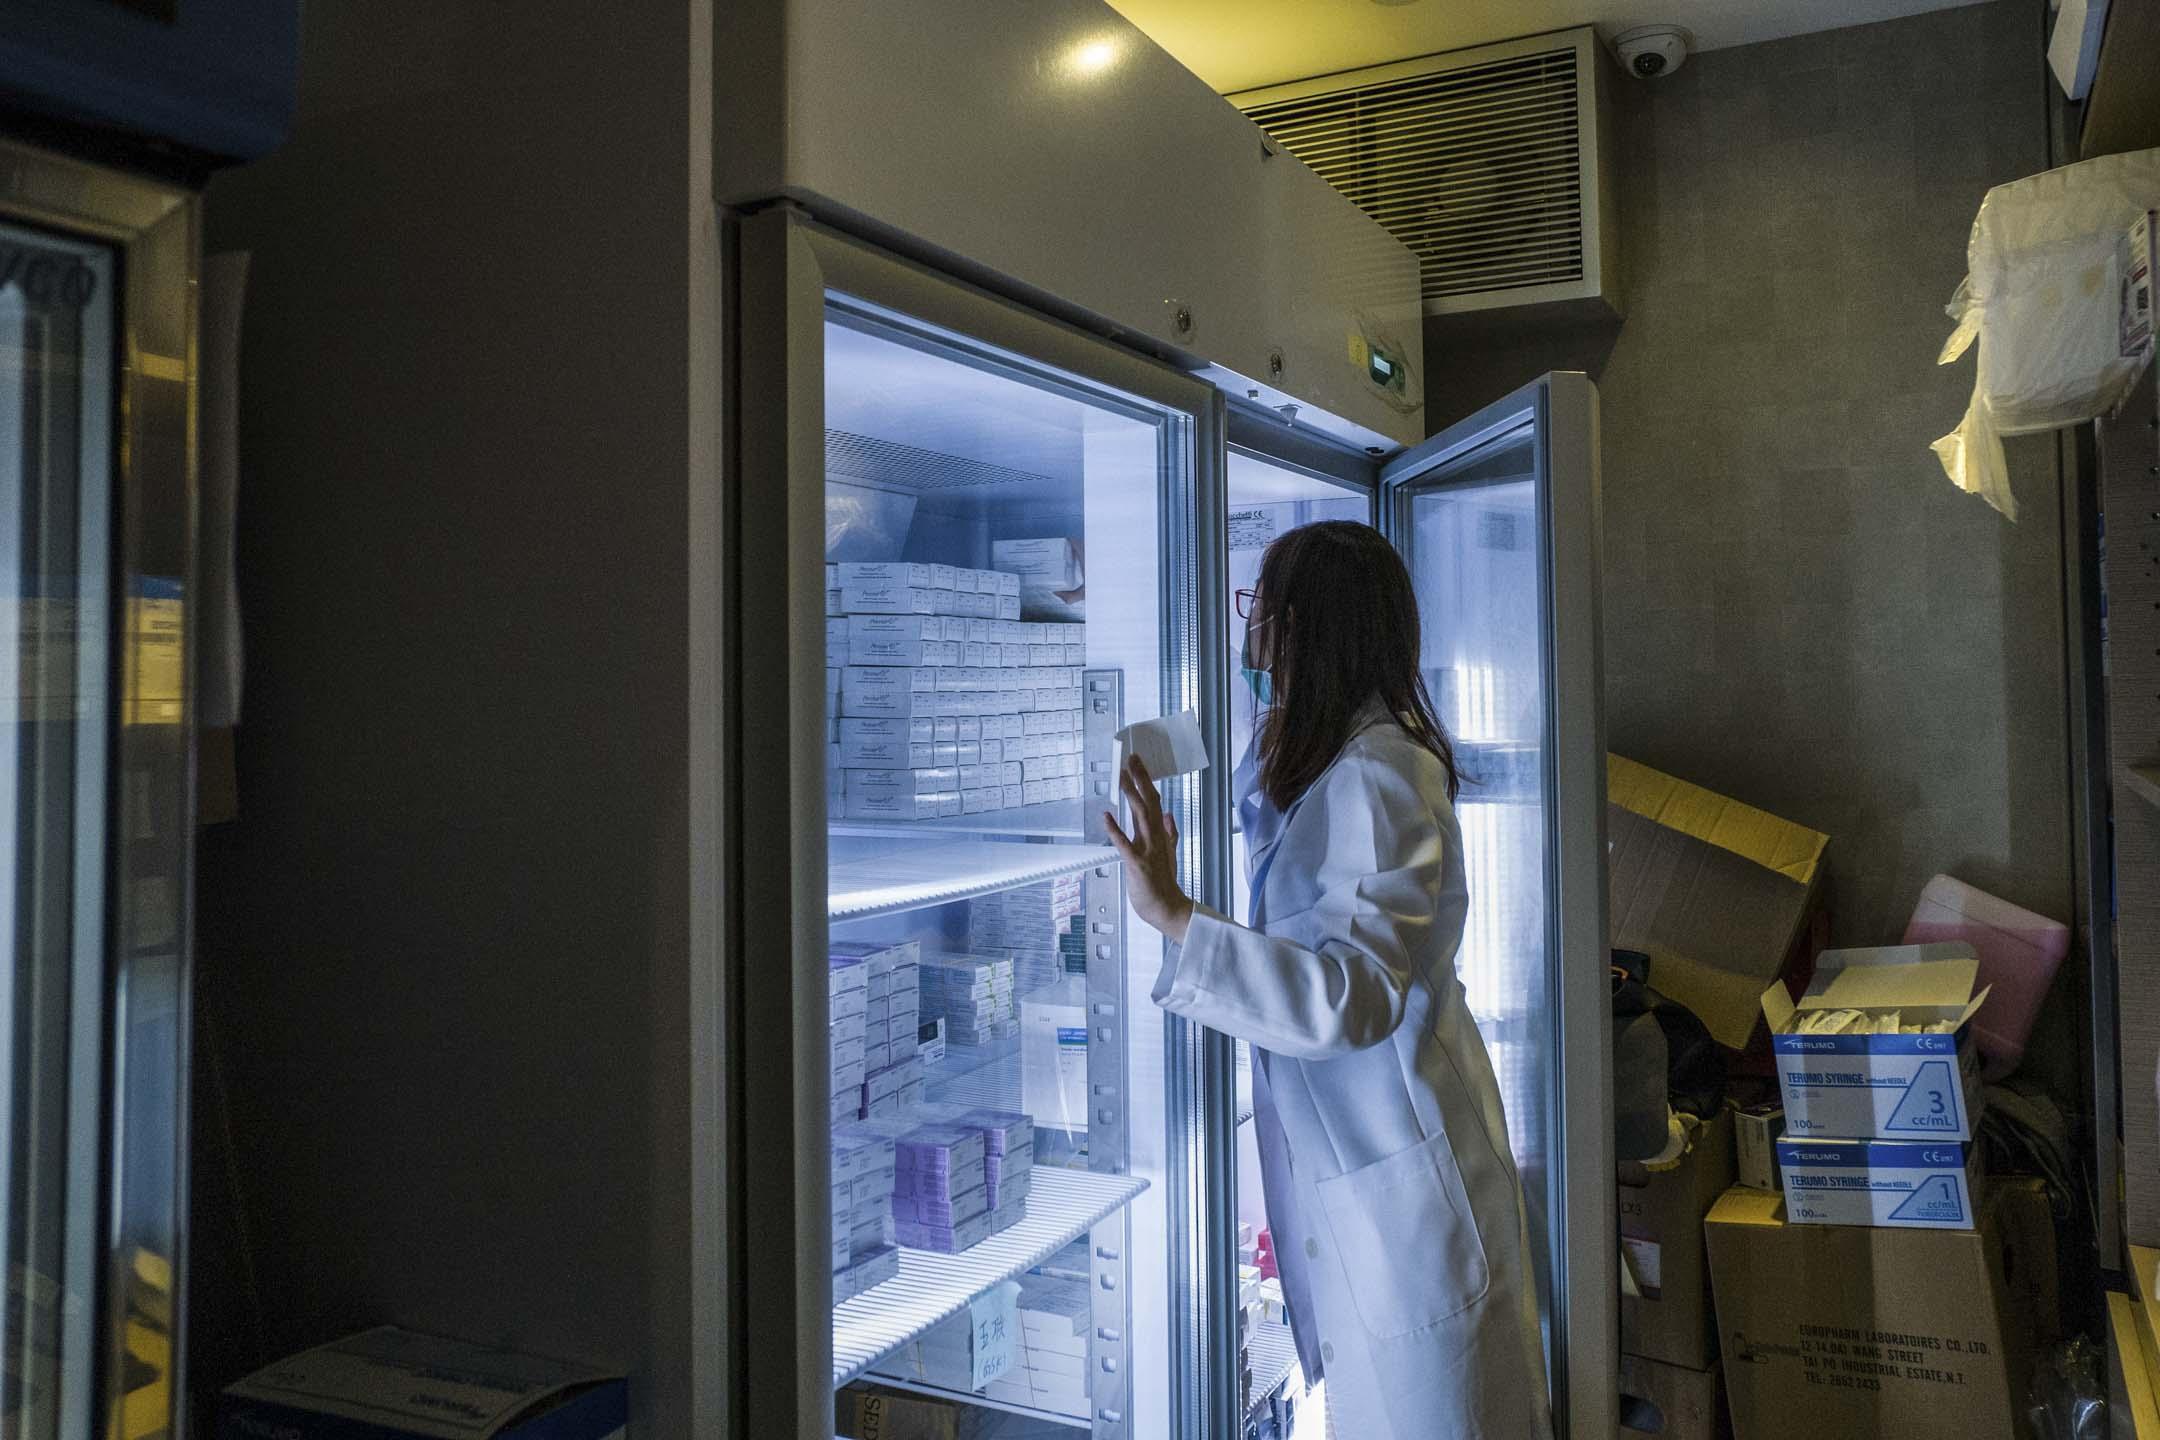 2018年7月24日,一間接受疫苗接種的香港私人診所內,護士從冷藏櫃中取出疫苗。 攝:Anthony Wallace/AFP/Getty Images